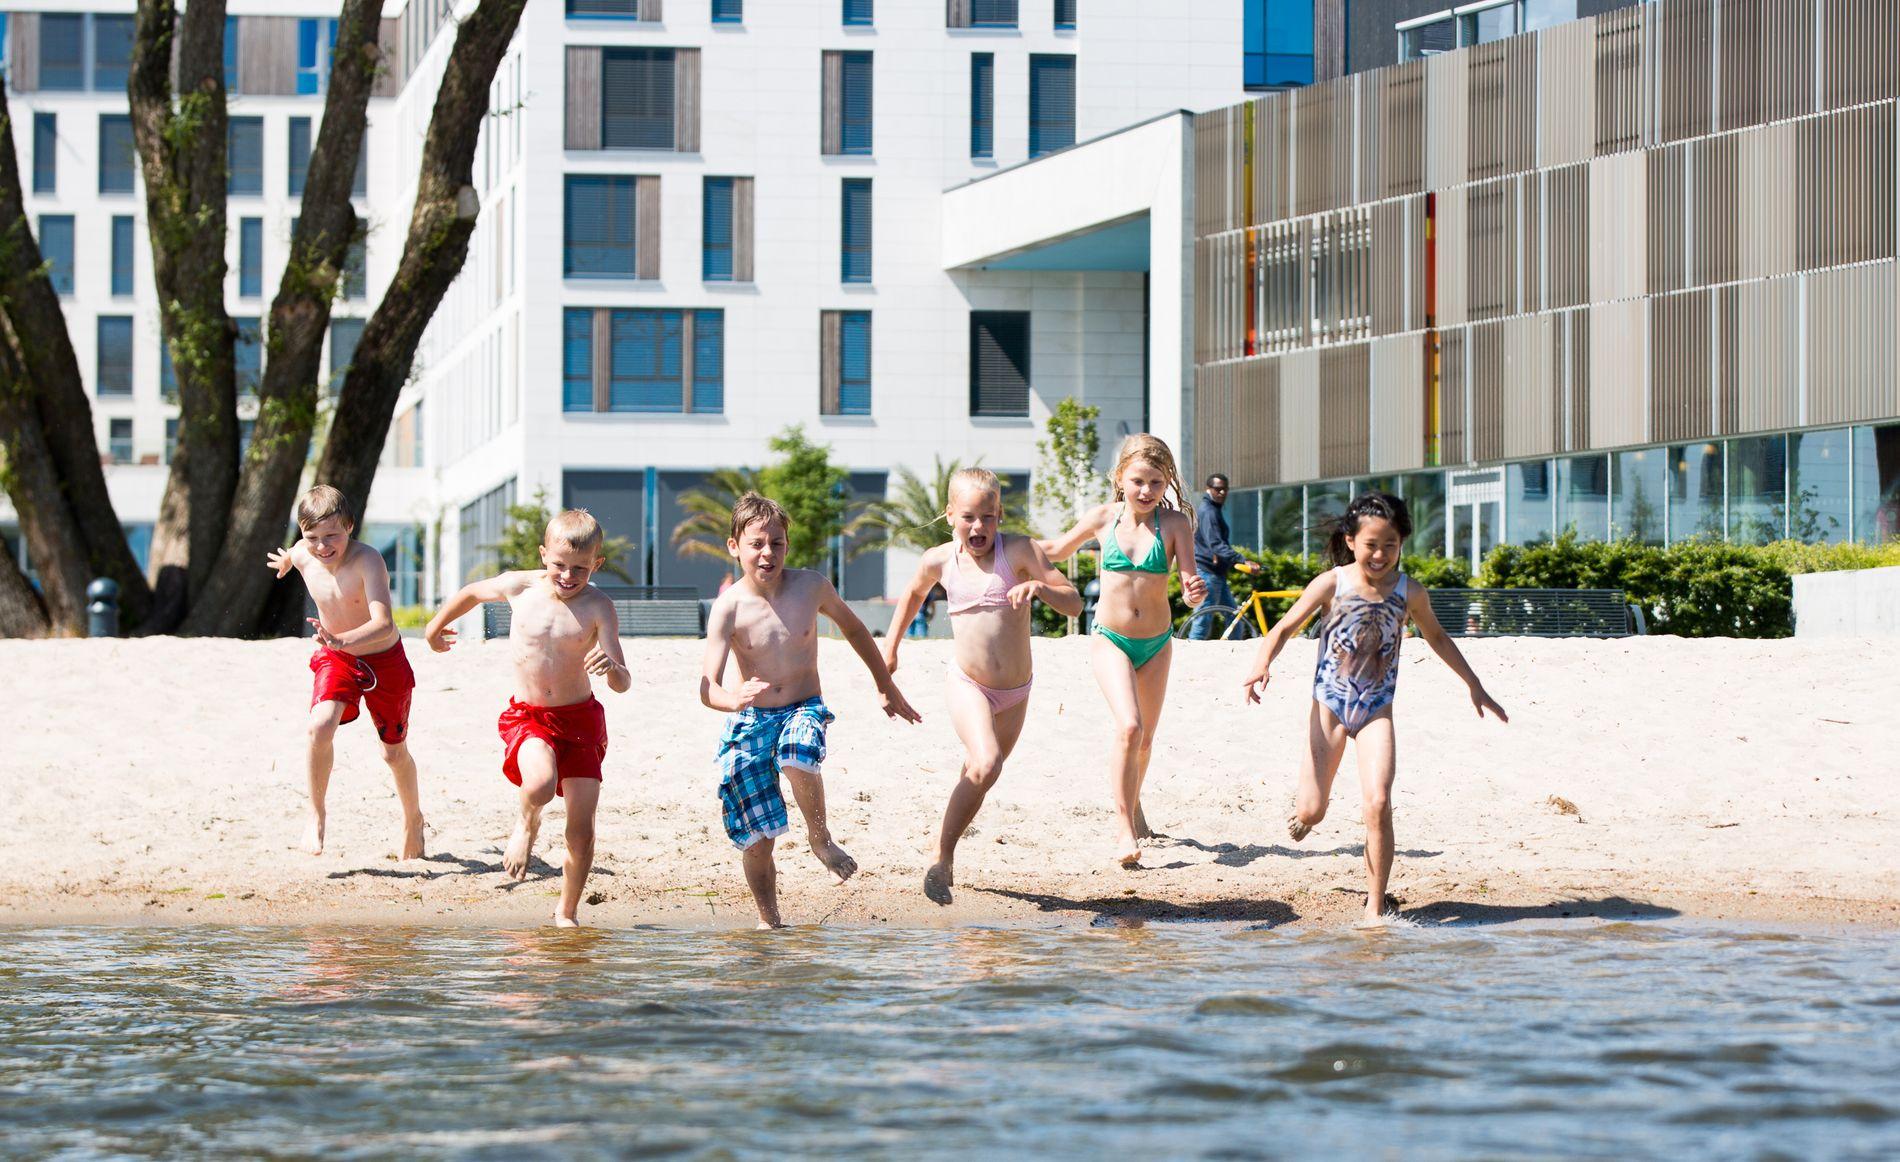 SYDENFØLELSE: Finkornet sand, sjøluft og badeland gjør Bystranda i Kristiansand til en svært populær destinasjon for turister – og barnefamilier.